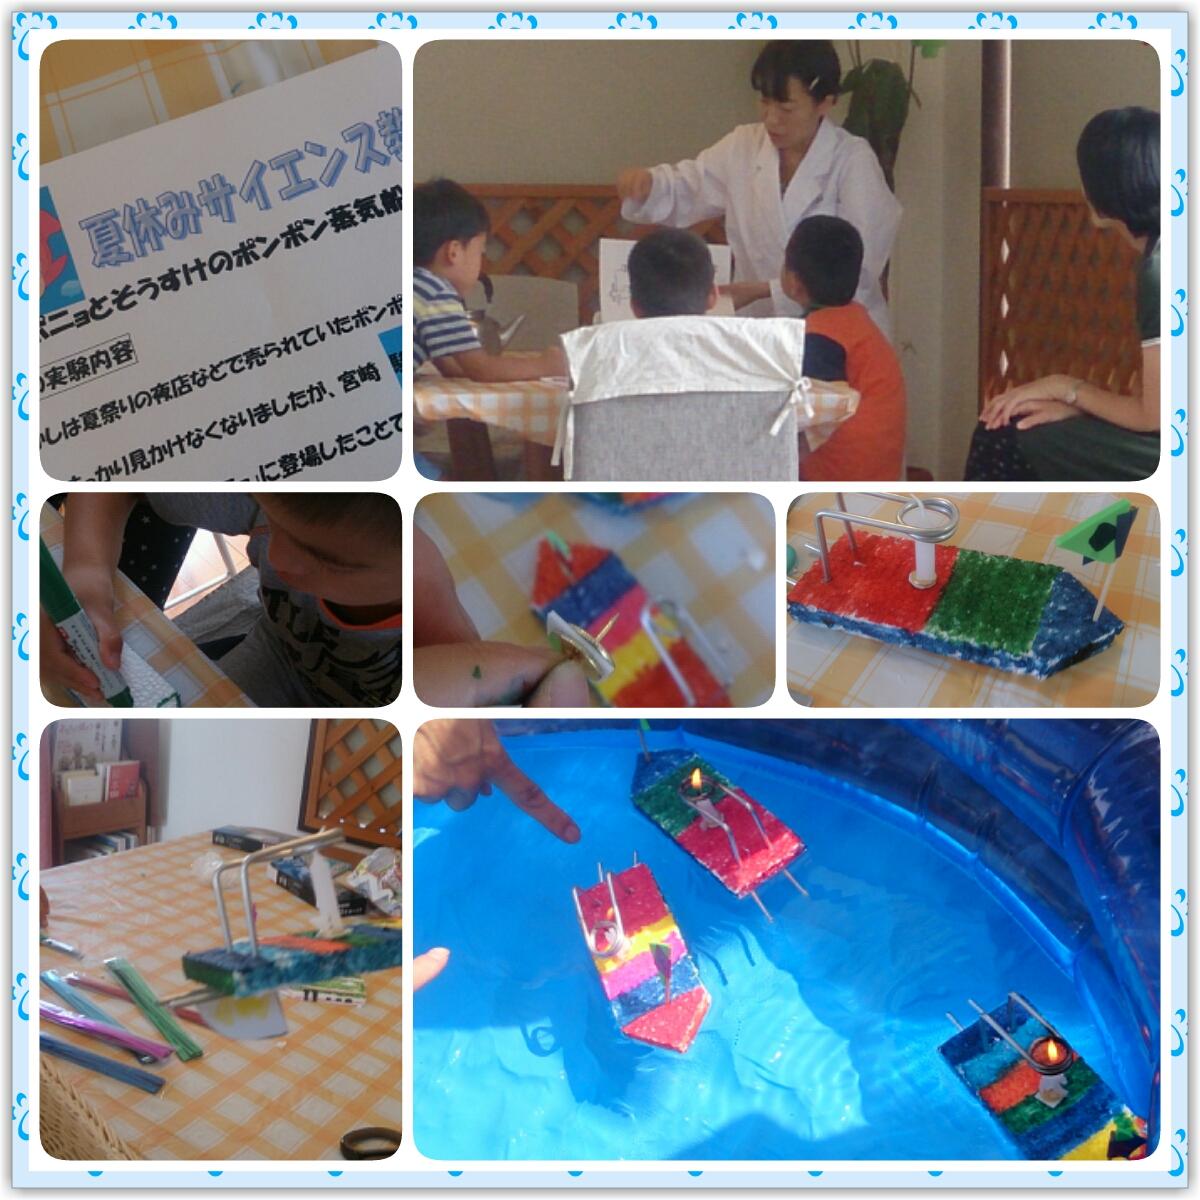 PhotoFancie2014_08_03_19_09_09.jpeg